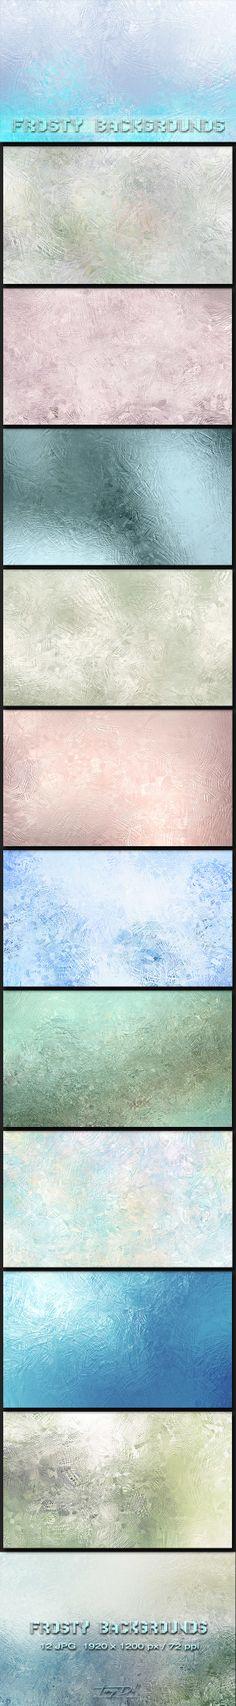 Frosty Backgrounds by TanyDi Tany Dimitrova, via Behance